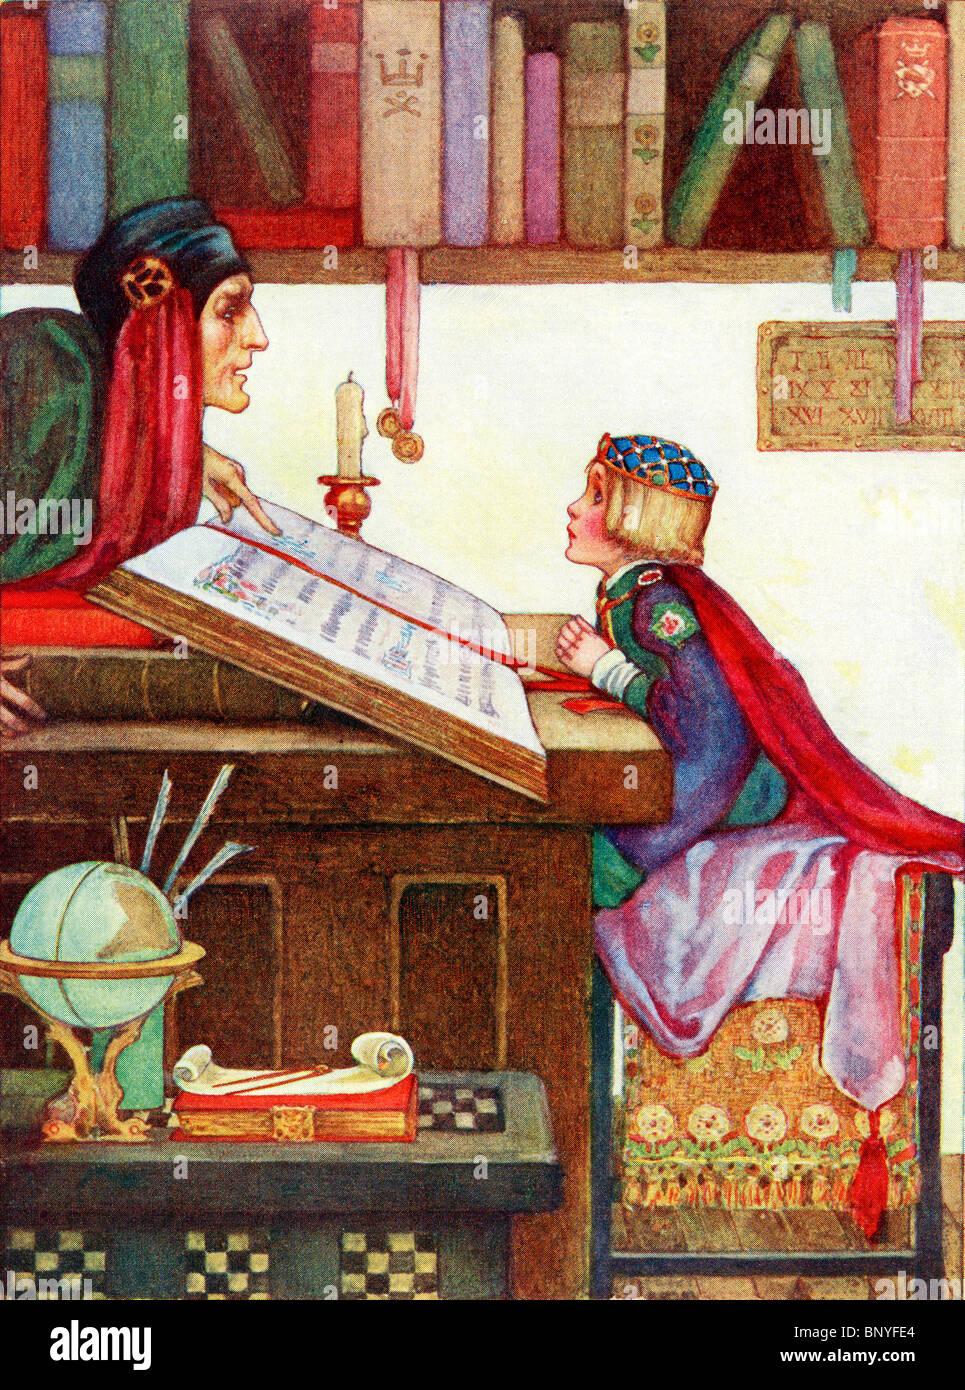 Illustration Pour Le Poeme Le Petit Roi De La Petite Enfance